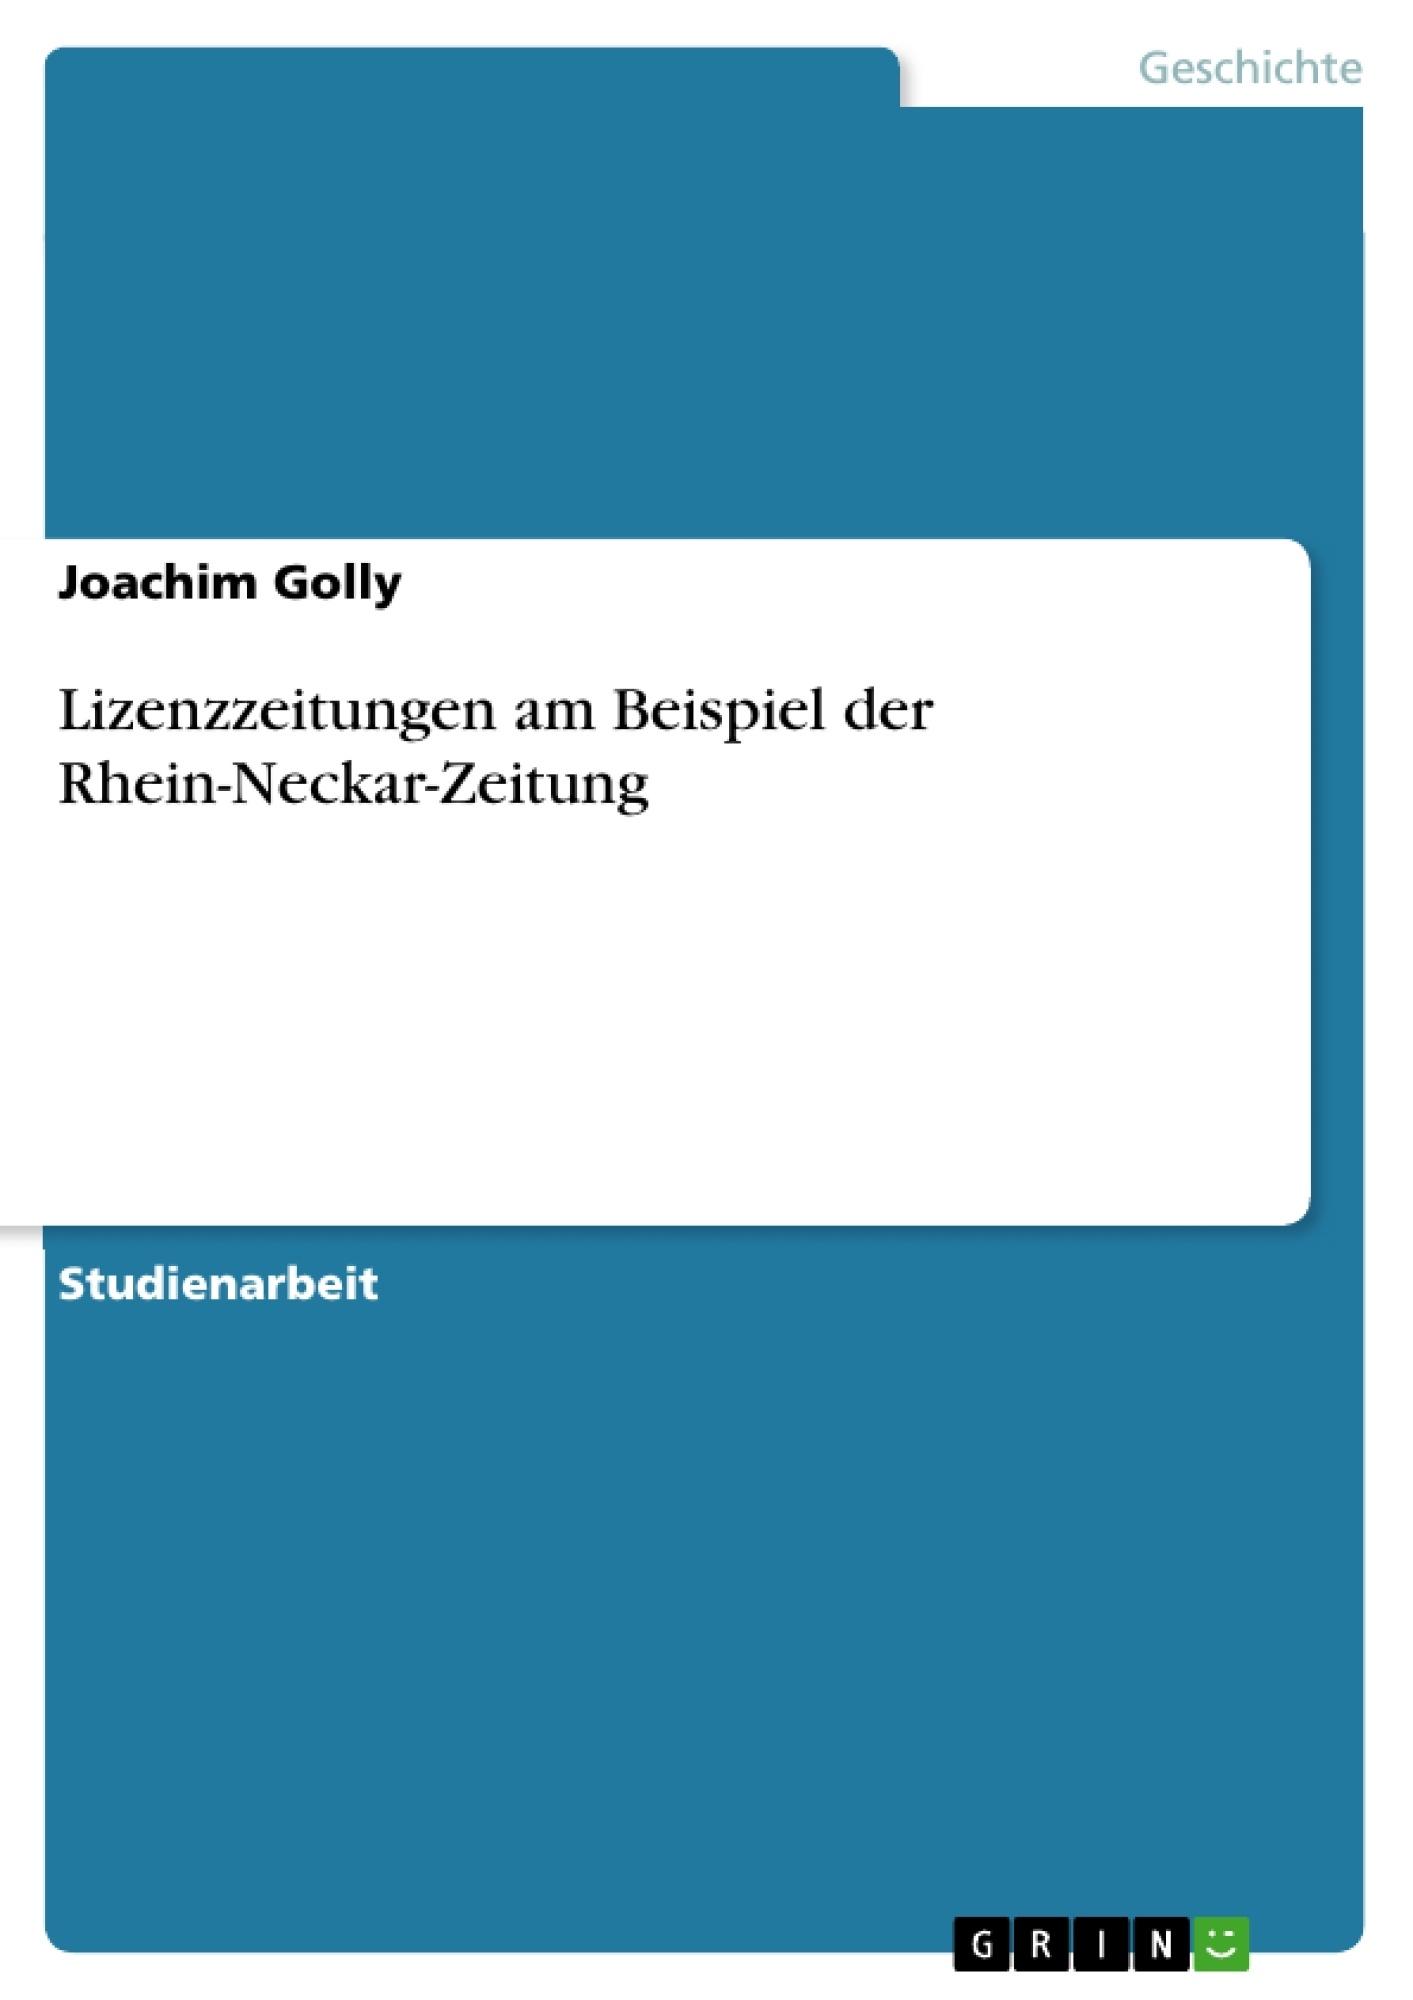 Titel: Lizenzzeitungen am Beispiel der Rhein-Neckar-Zeitung